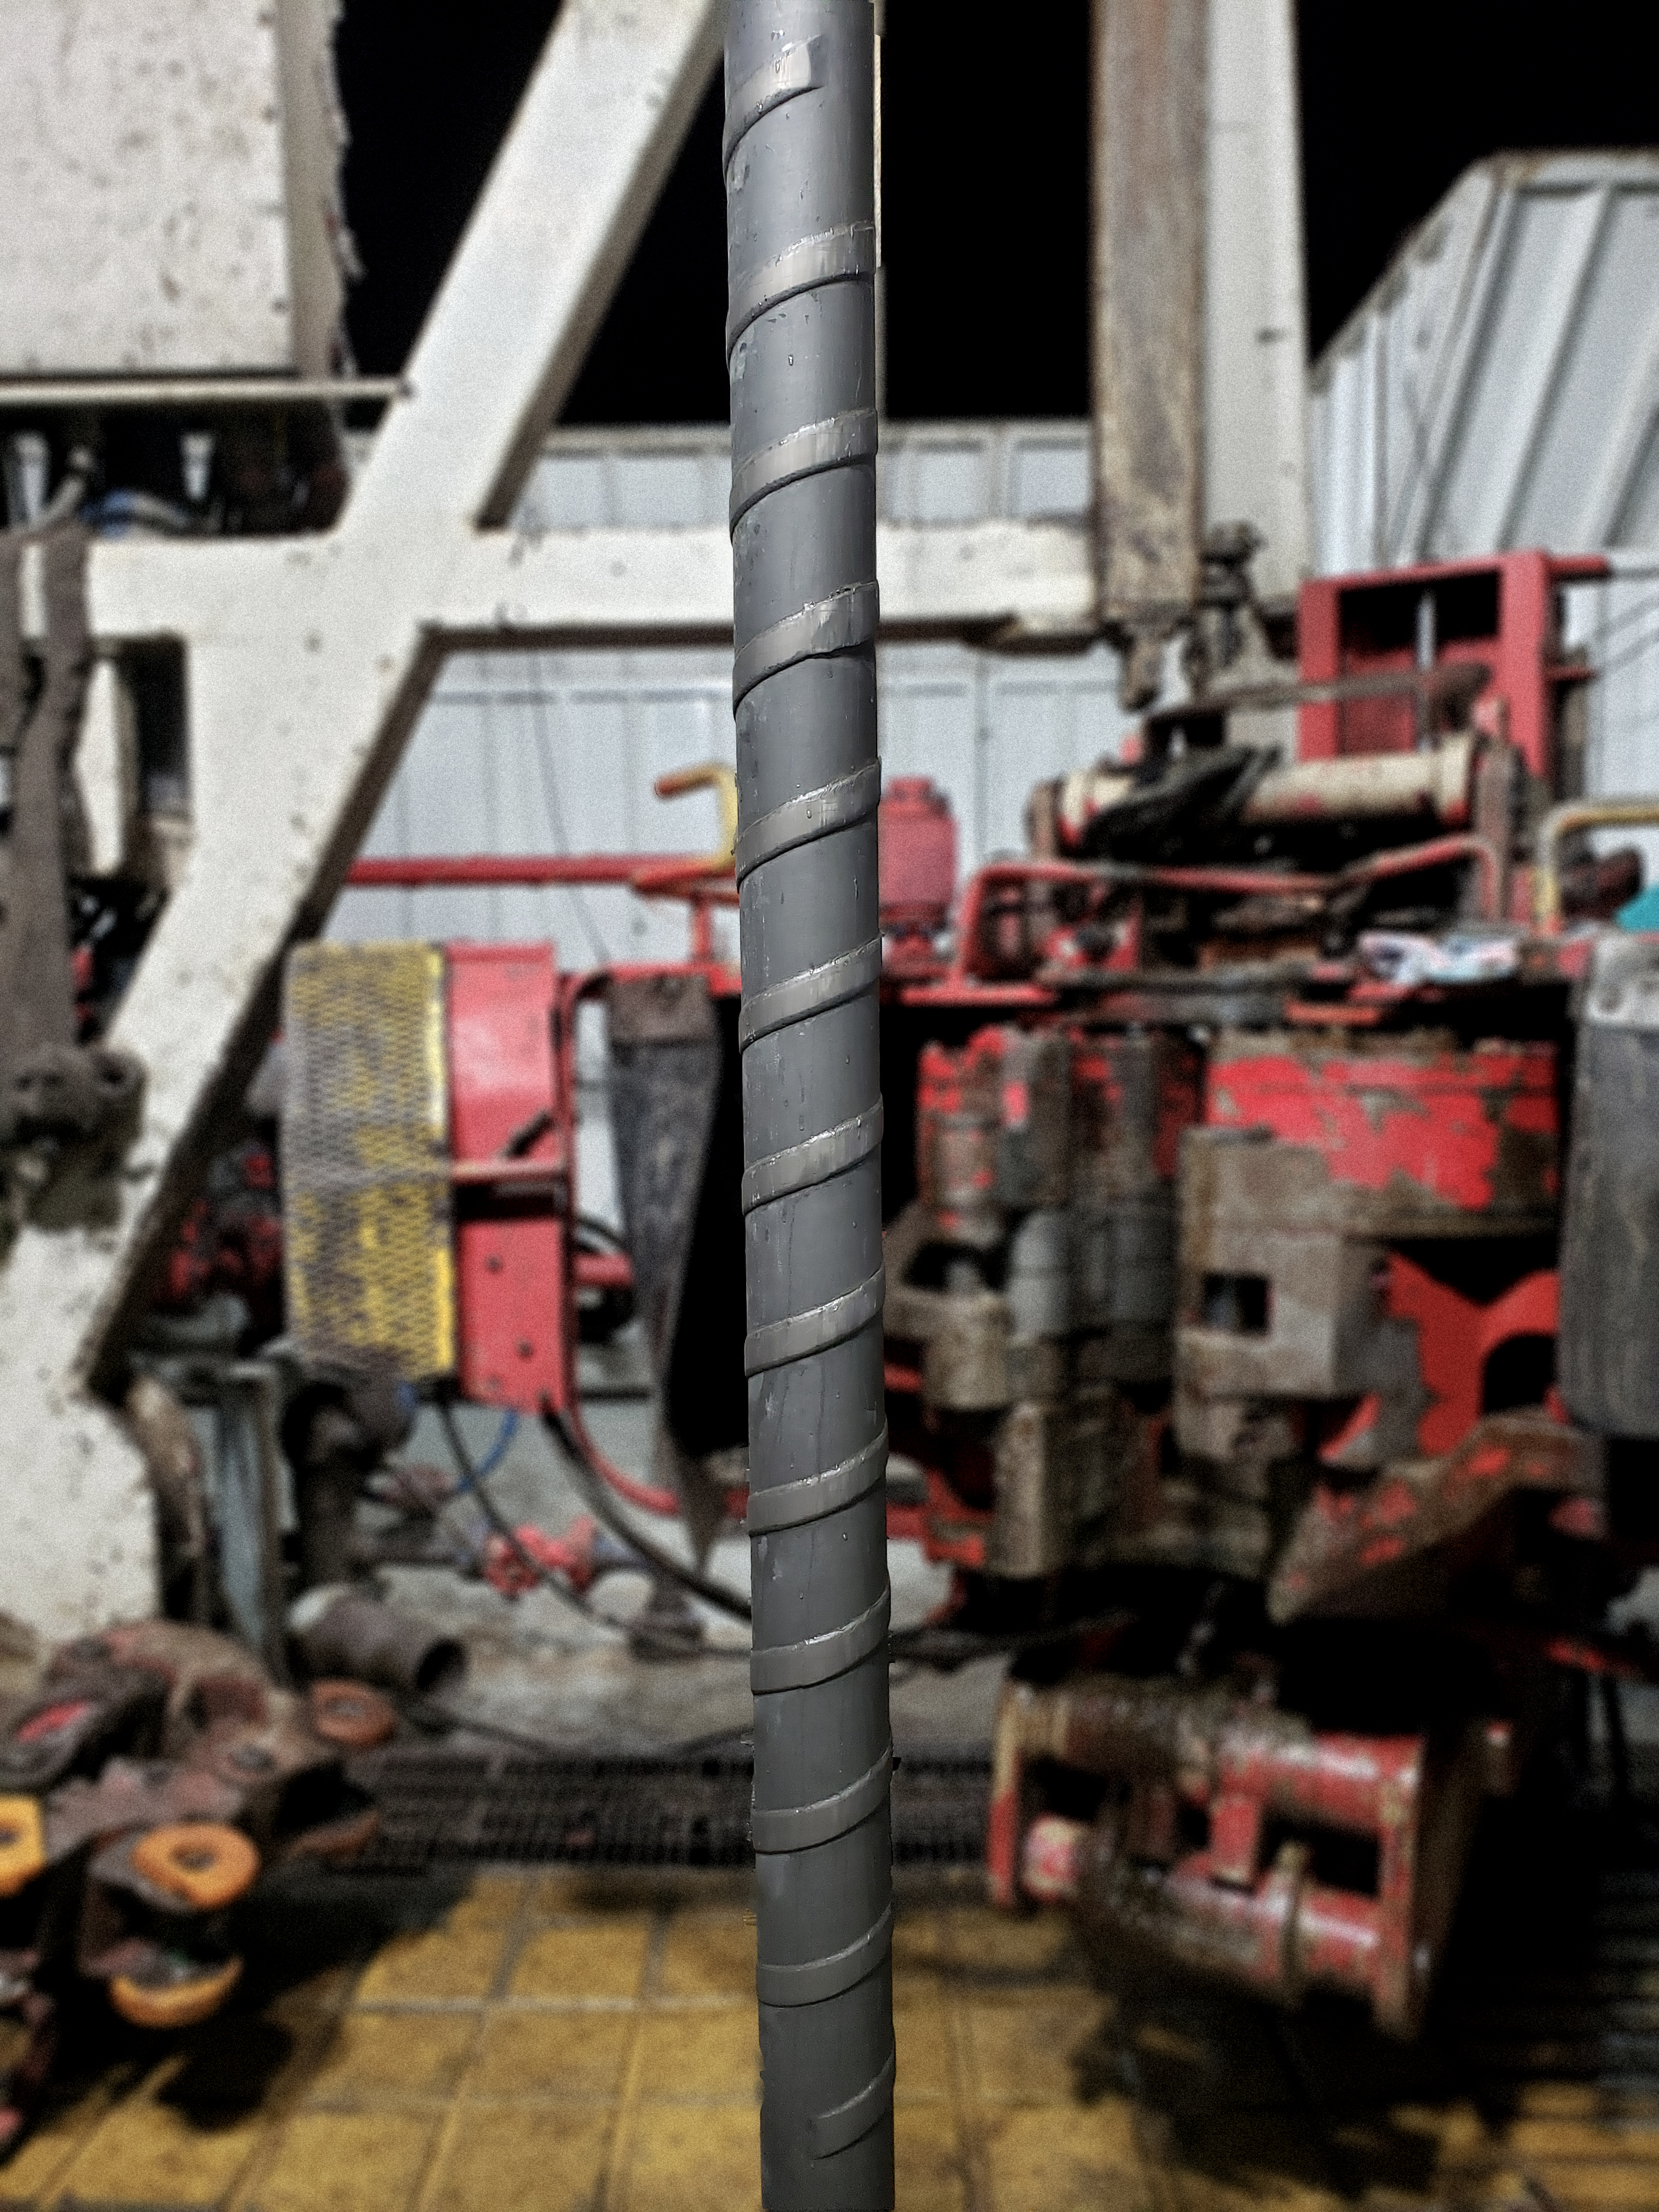 Updated drill image BG blurred